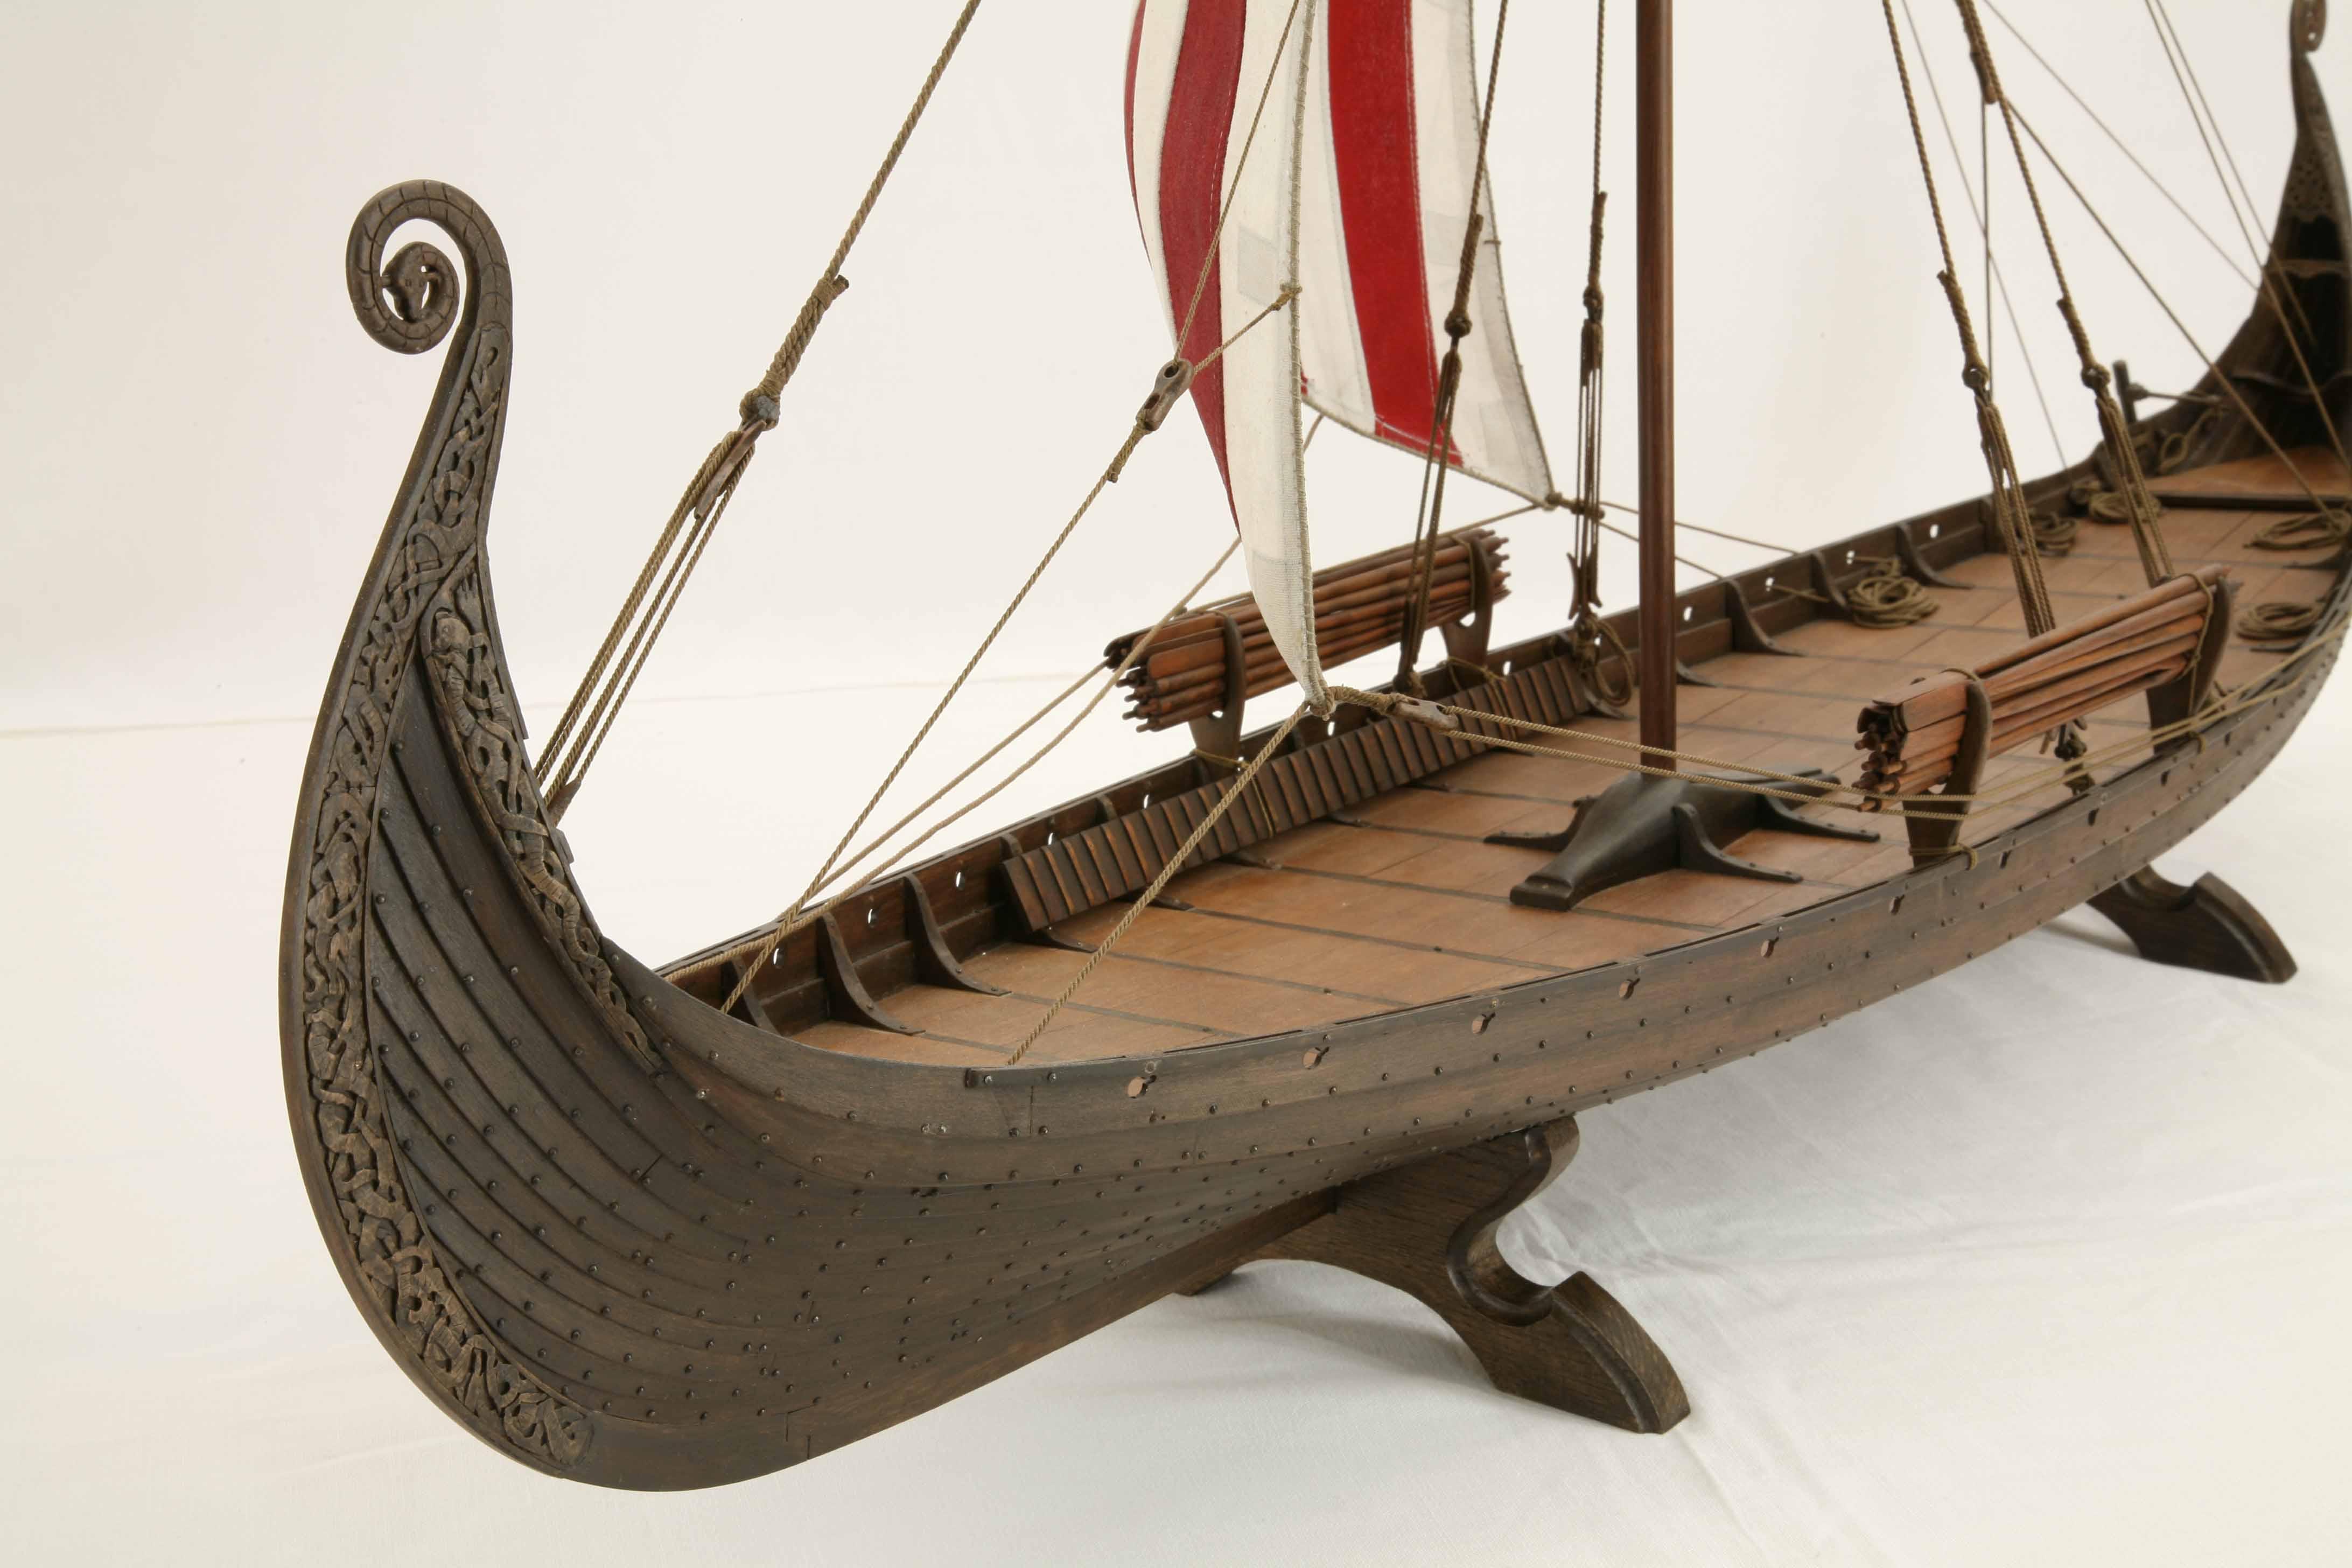 Denddrochronologische Datierung der Wikingerzeitschiff-Bestattungen am oseberg gokstad und Abstimmung norway